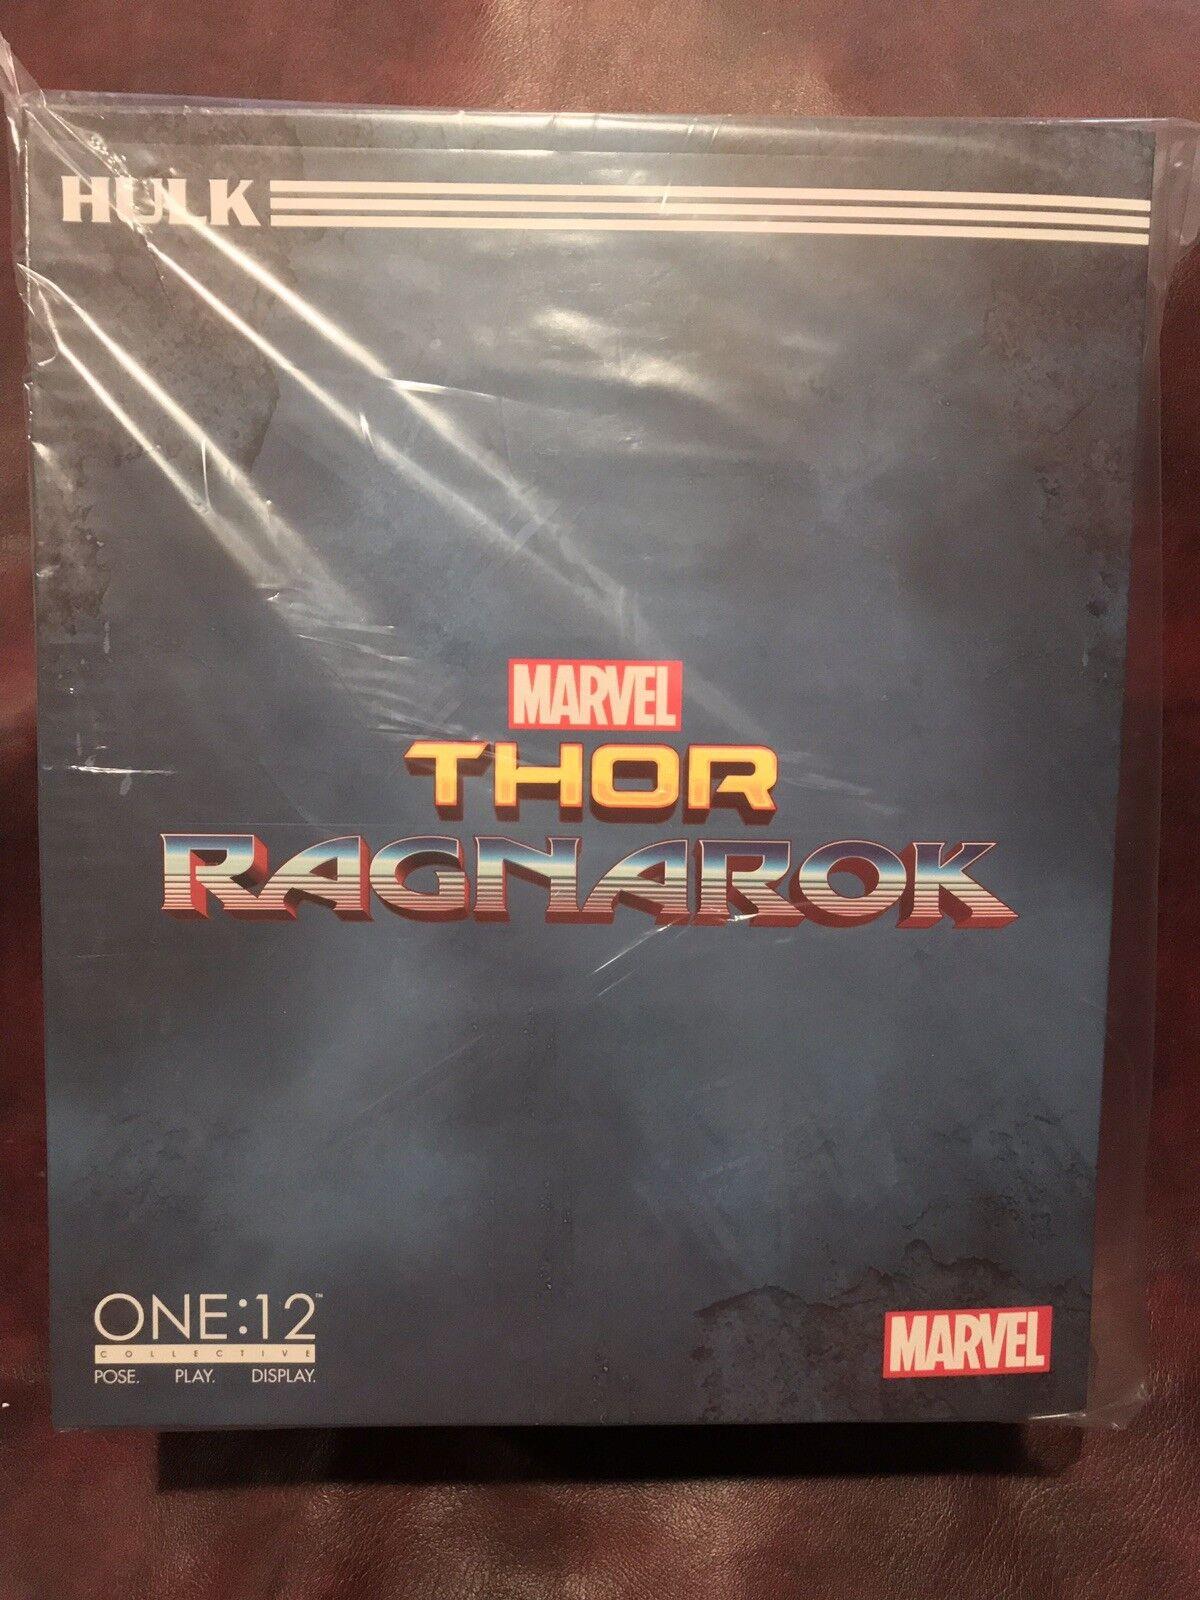 Mezco leksaker One 12 samlaive Thor Ragnarok Hulk Figur BRAND NY